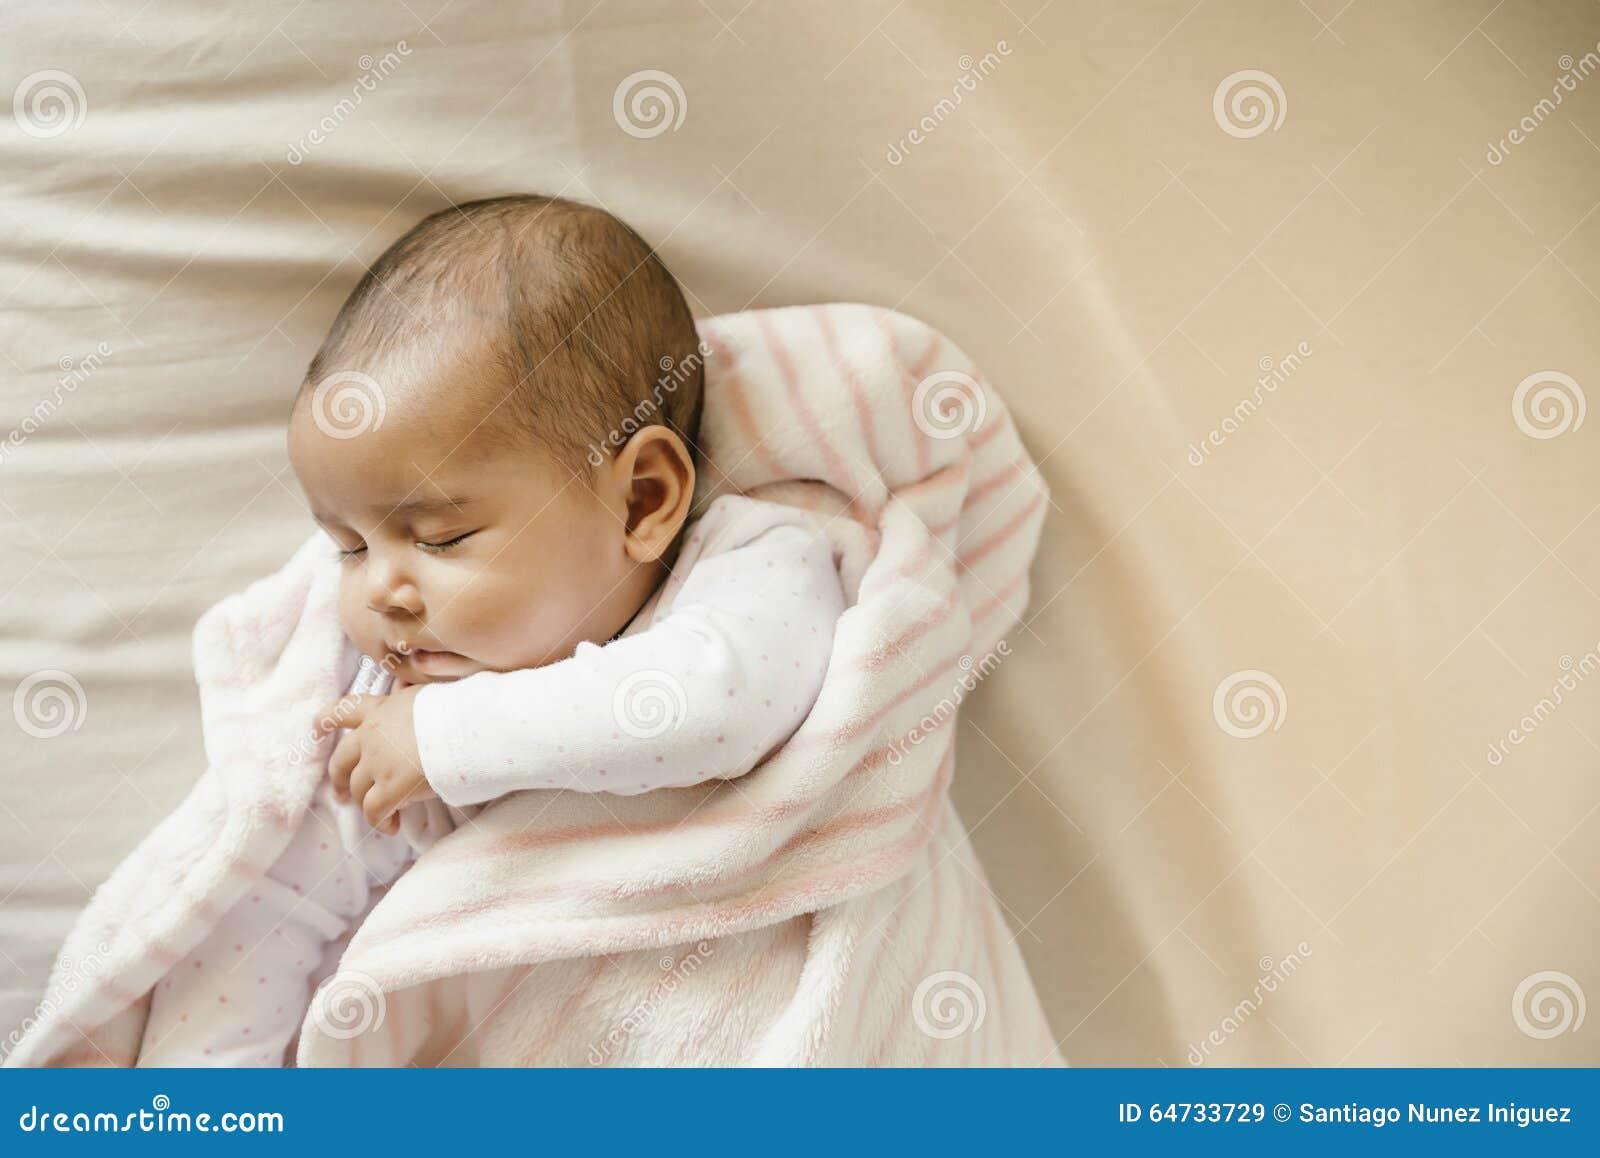 Neonata sveglia che dorme nella greppia